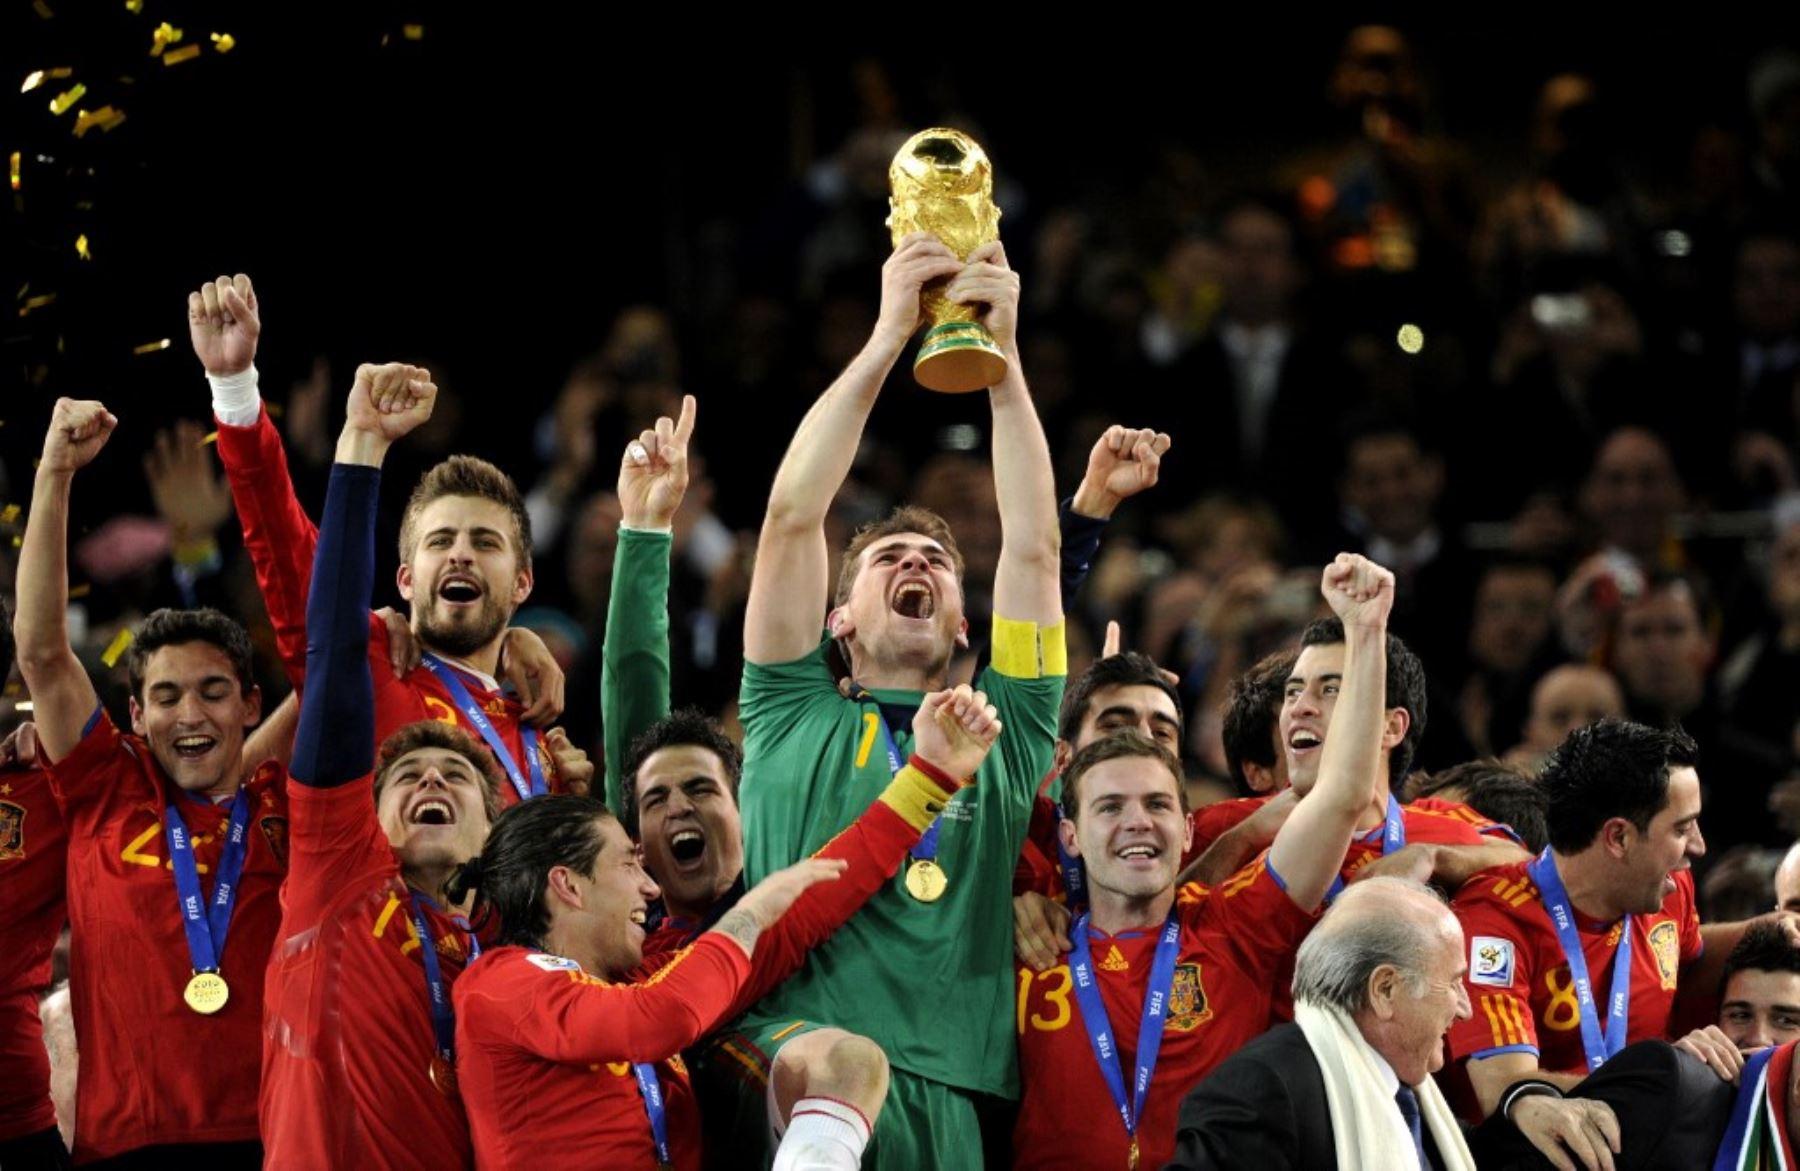 Iker Casillas sostiene el trofeo de la Copa Mundial de la FIFA después de ganar la final de la Copa Mundial de 2010 al derrotar a los Países Bajos. Foto: AFP